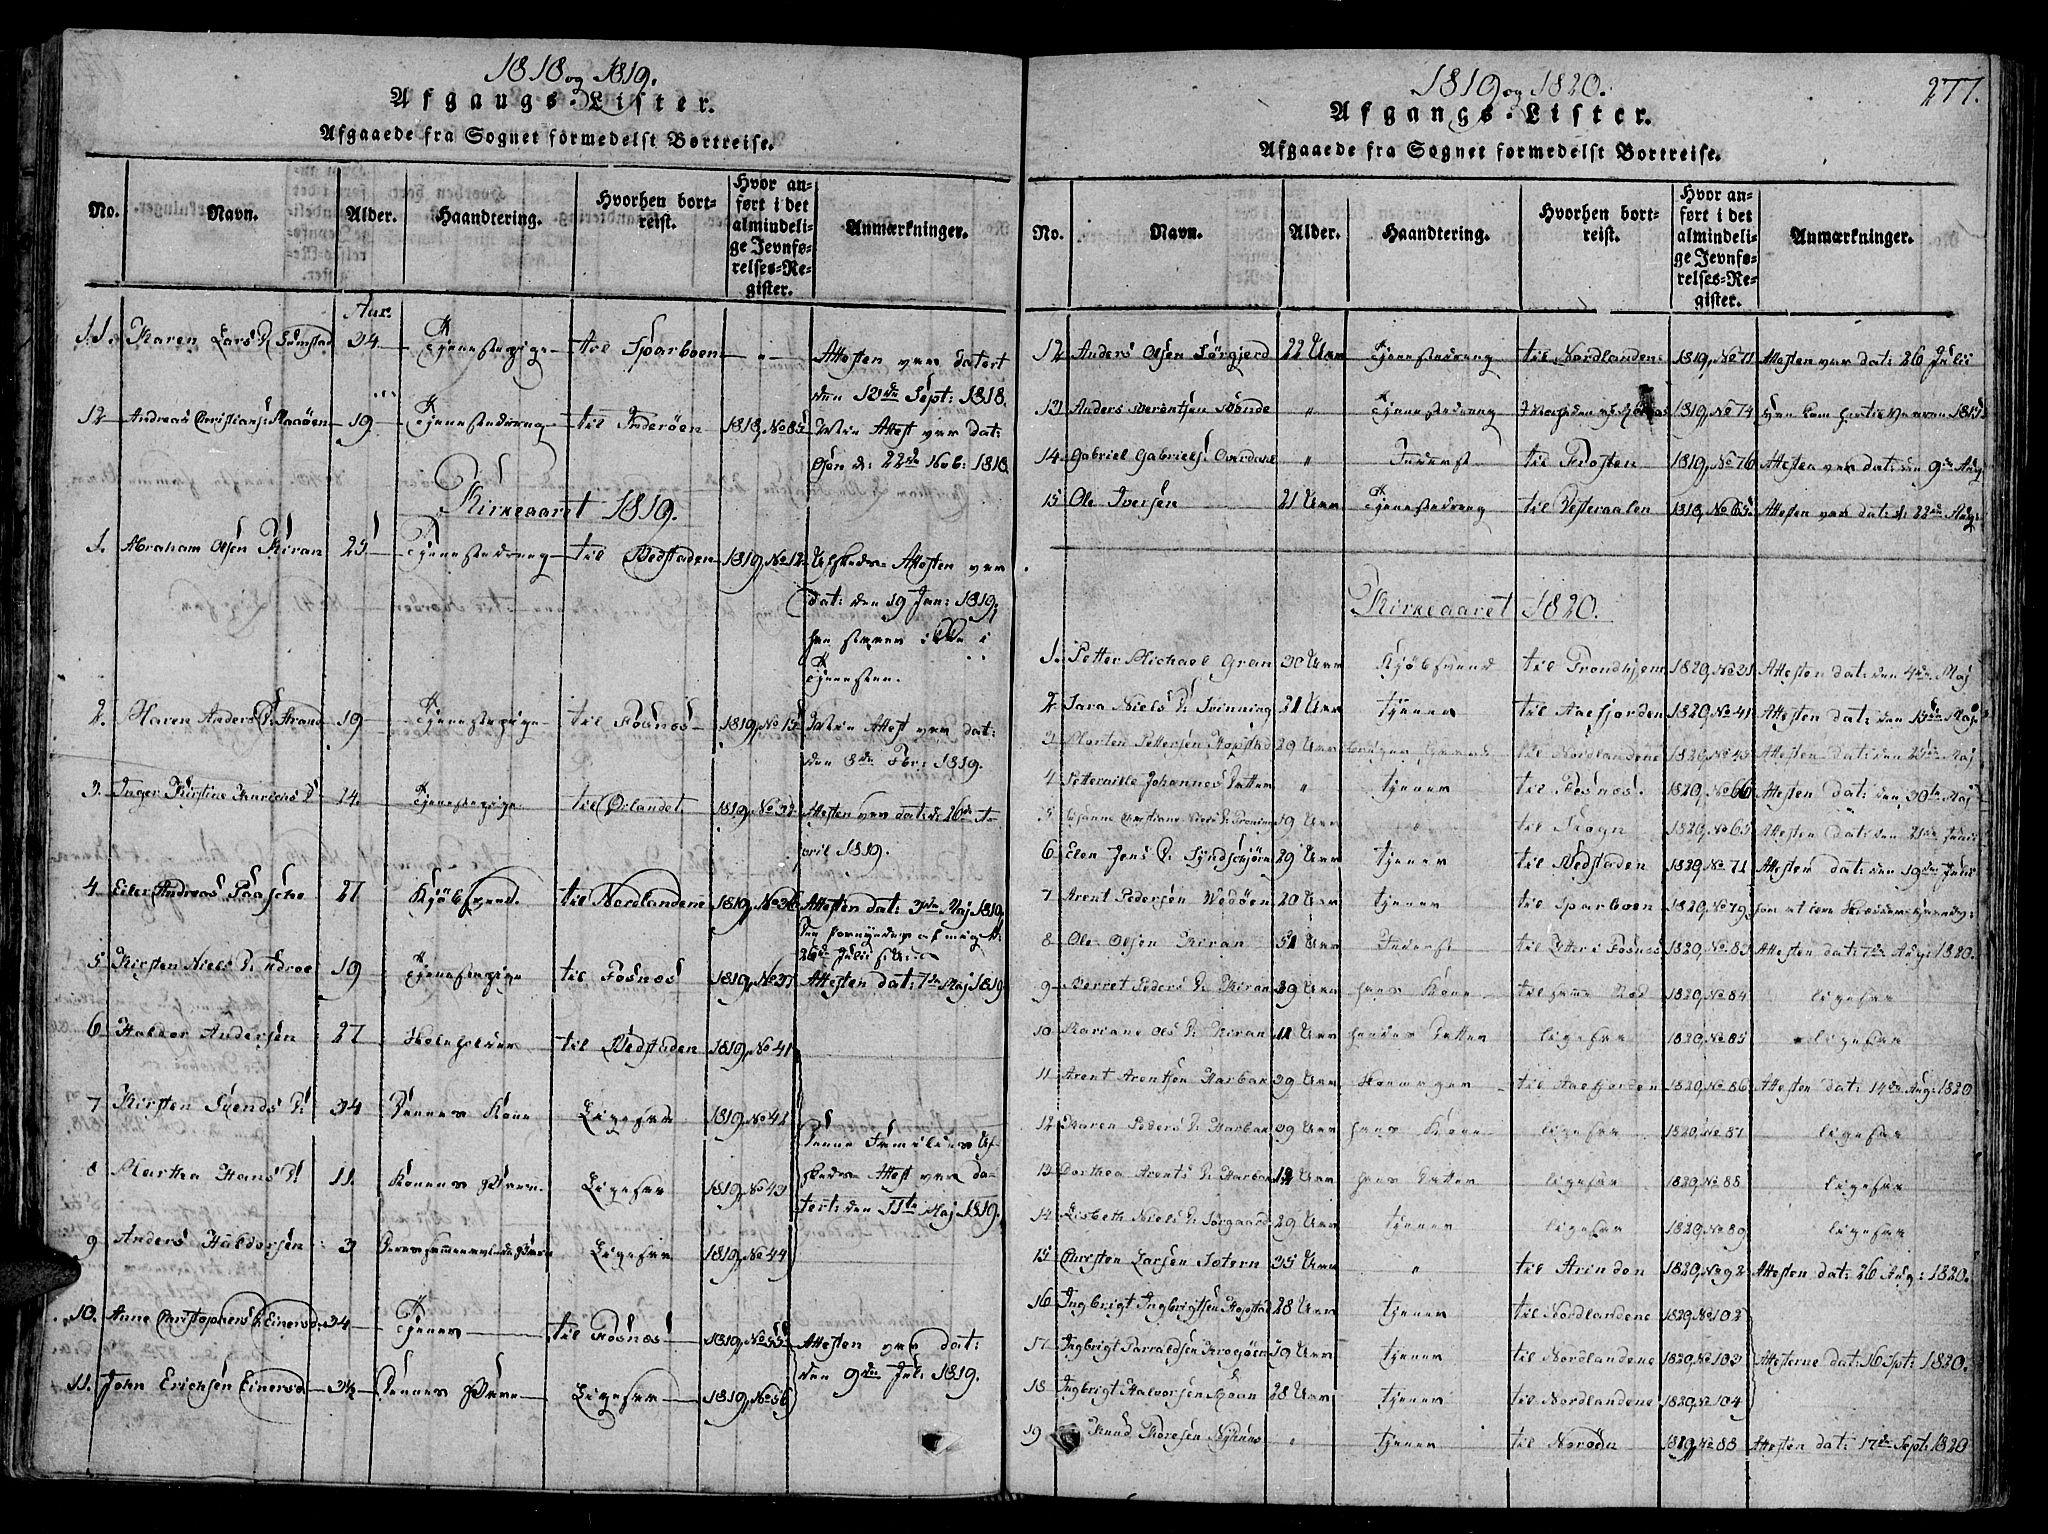 SAT, Ministerialprotokoller, klokkerbøker og fødselsregistre - Sør-Trøndelag, 657/L0702: Ministerialbok nr. 657A03, 1818-1831, s. 277